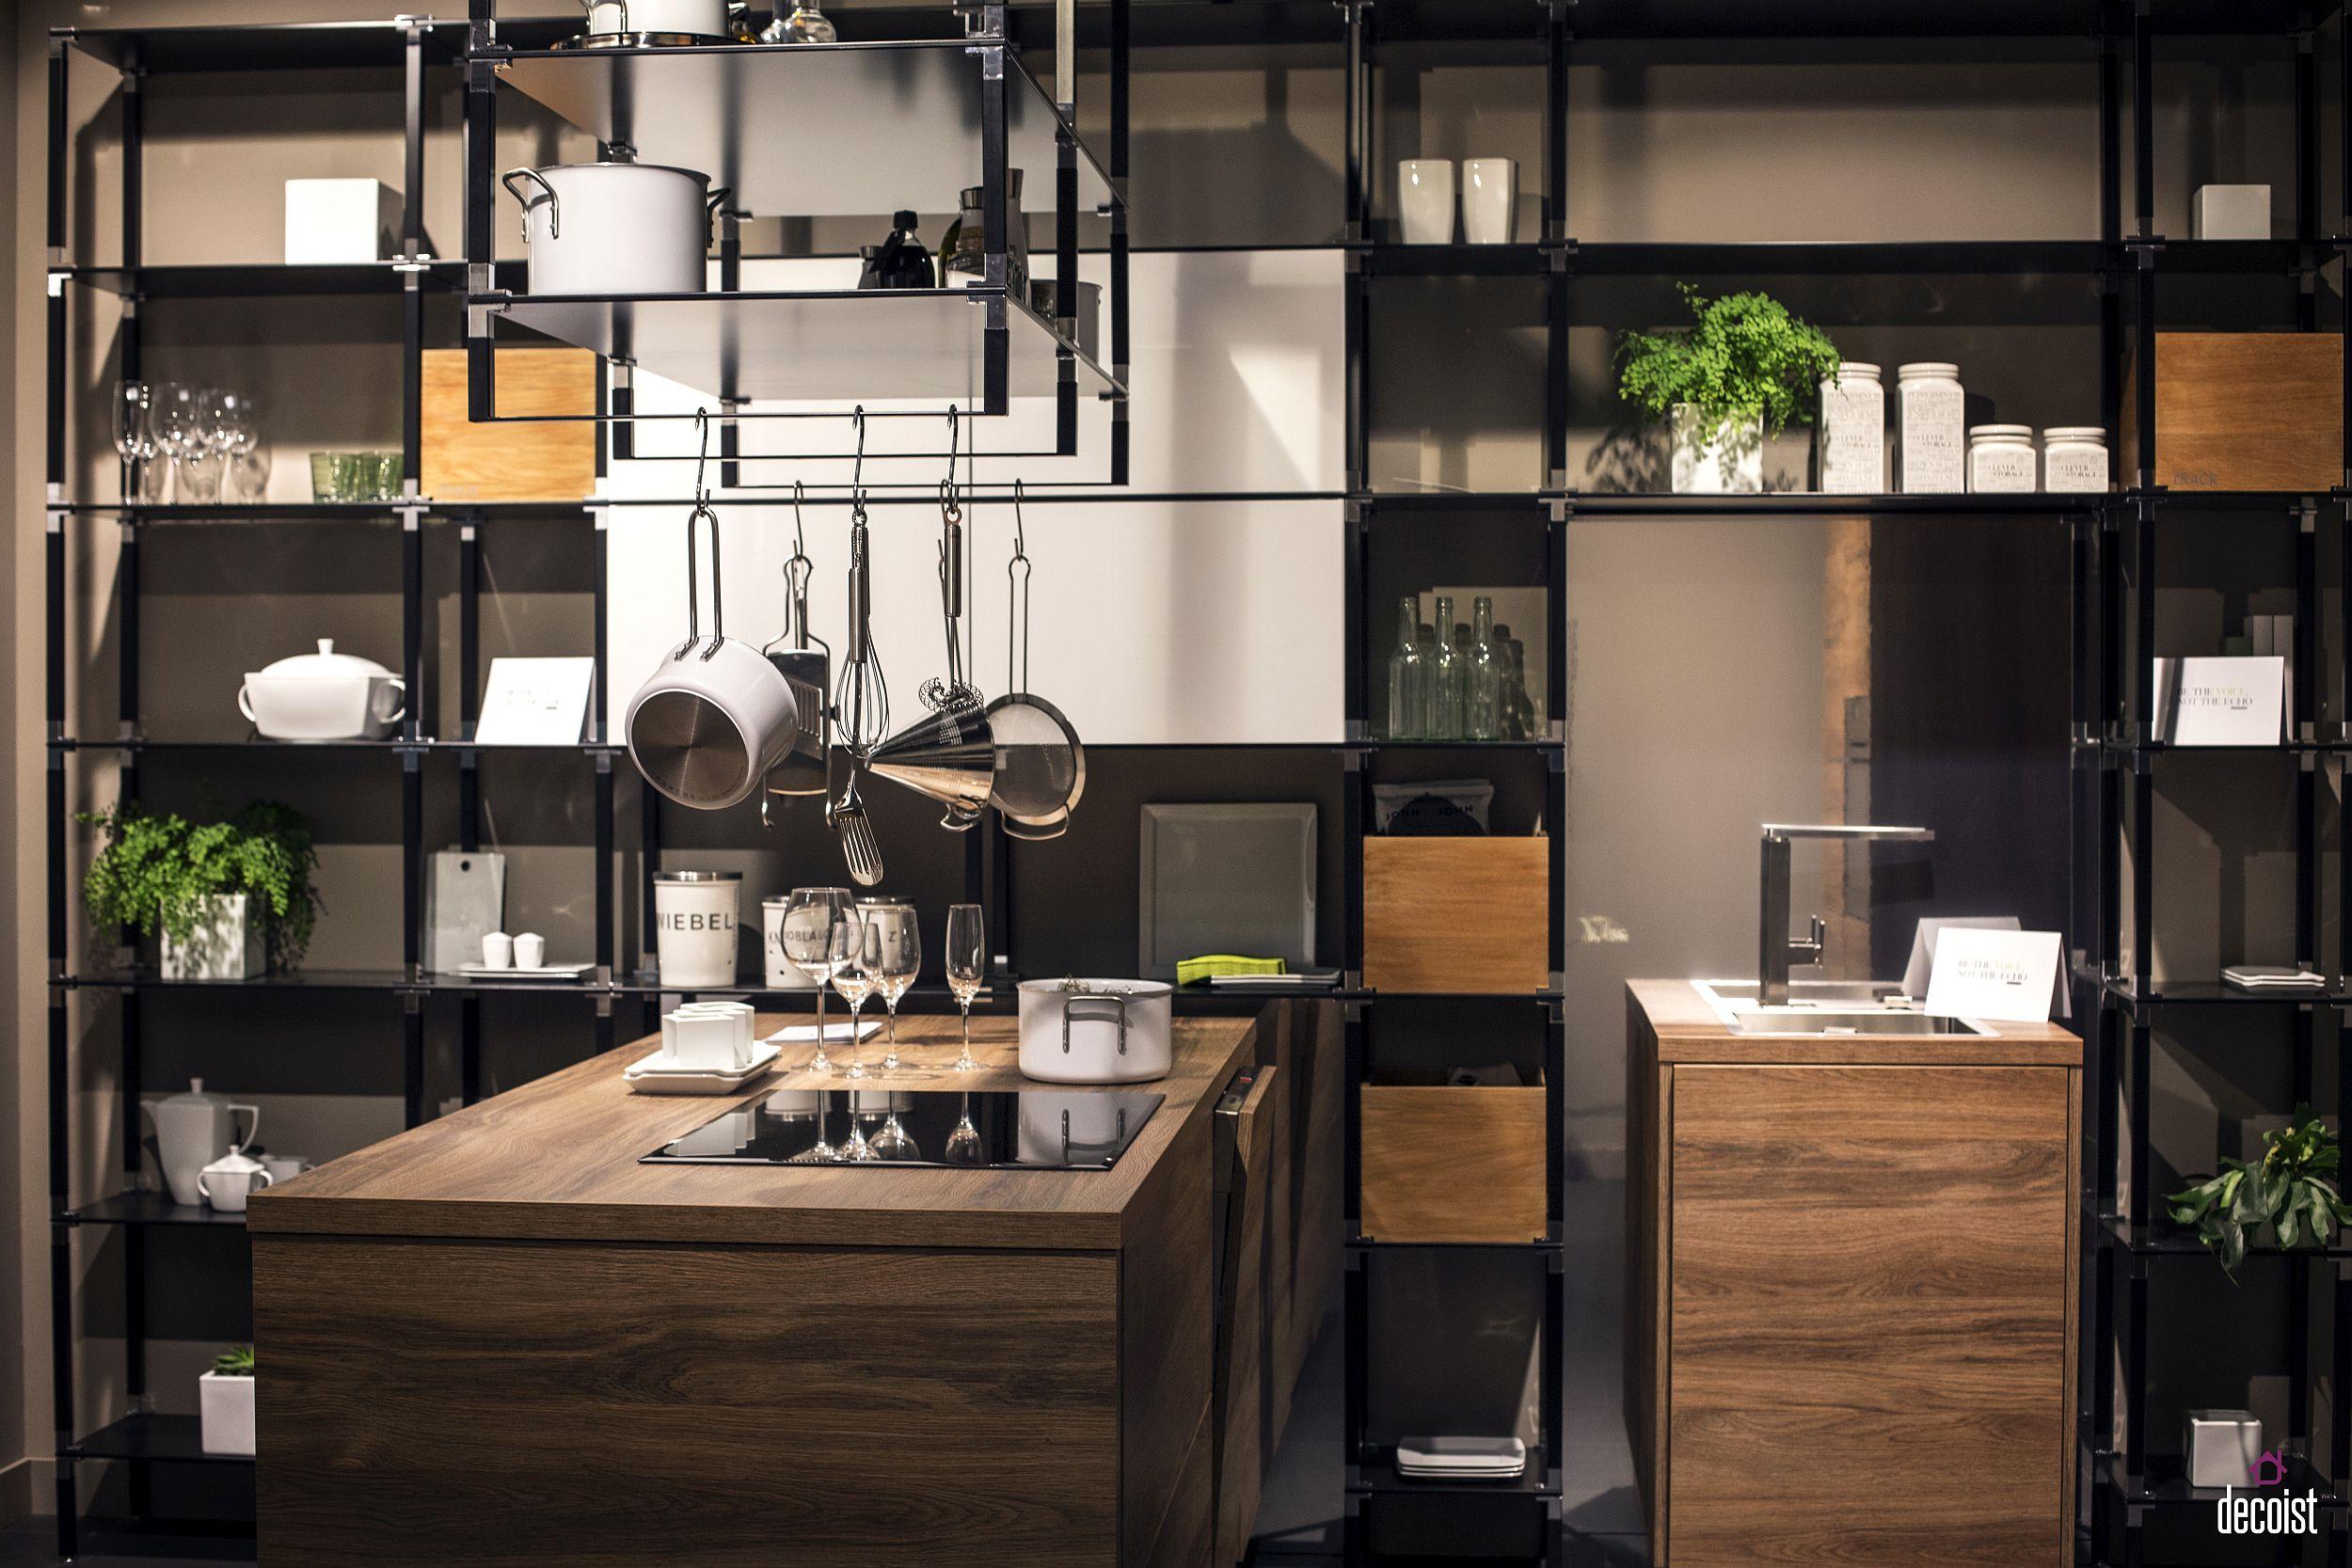 Modern industrial style kitchen shelving from Sachsenküchen